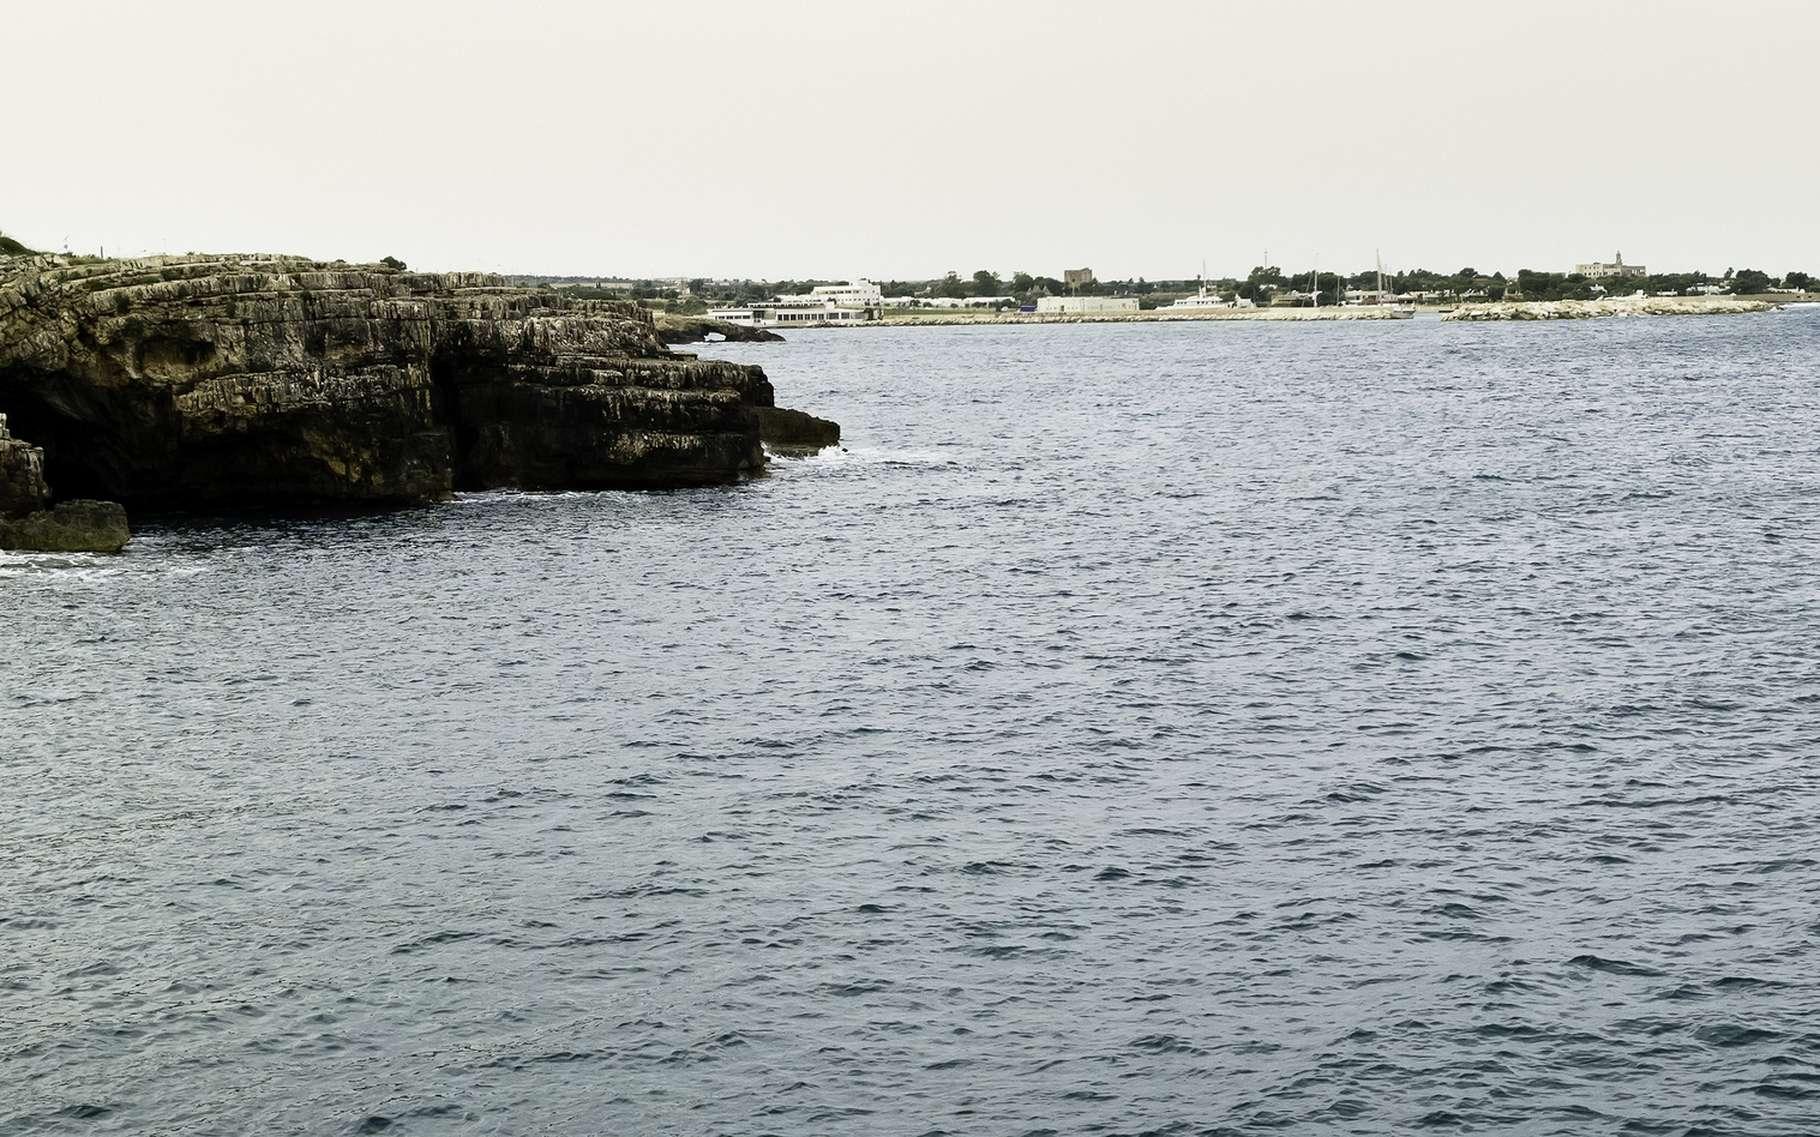 Le sirocco est un vent qui souffle aussi sur la mer Adriatique. © lovefranco, Shutterstock